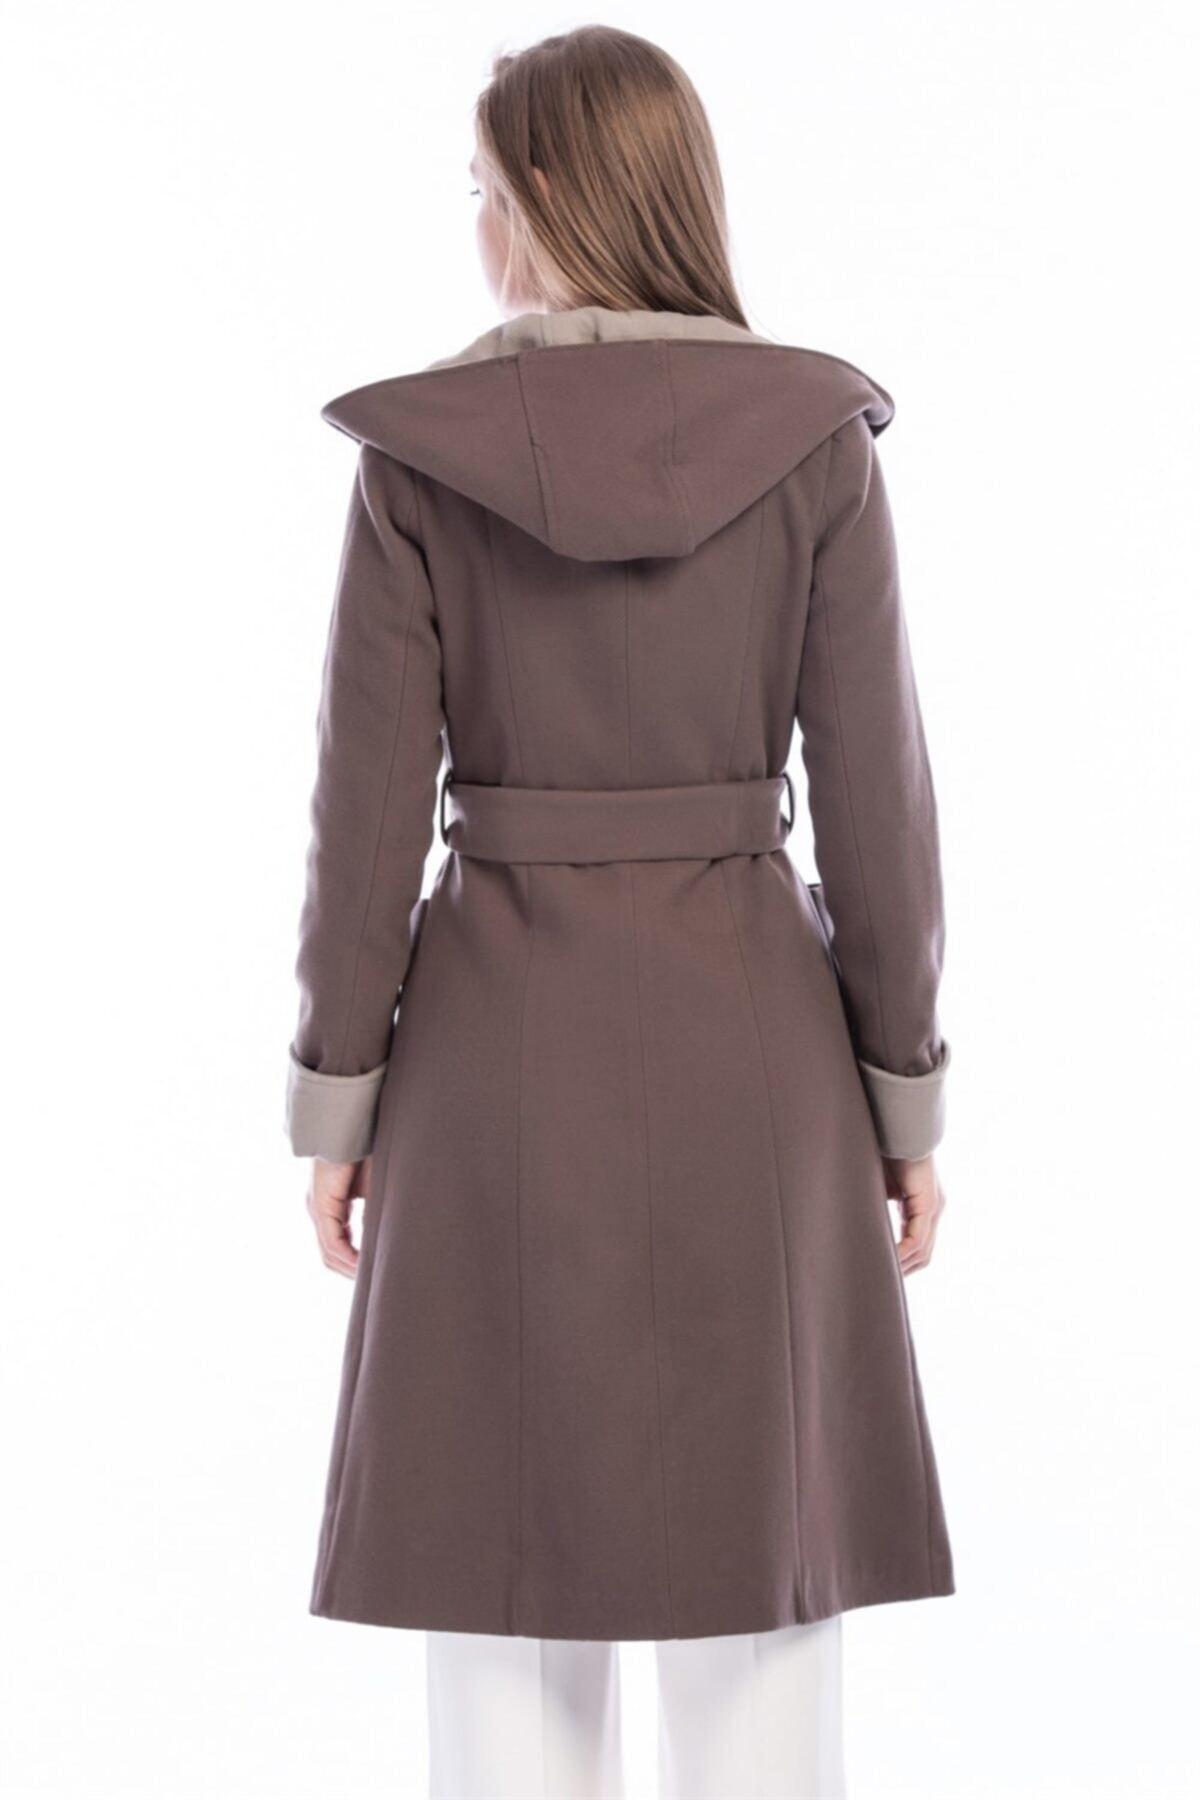 Dewberry Kadın Vizon Palto 2